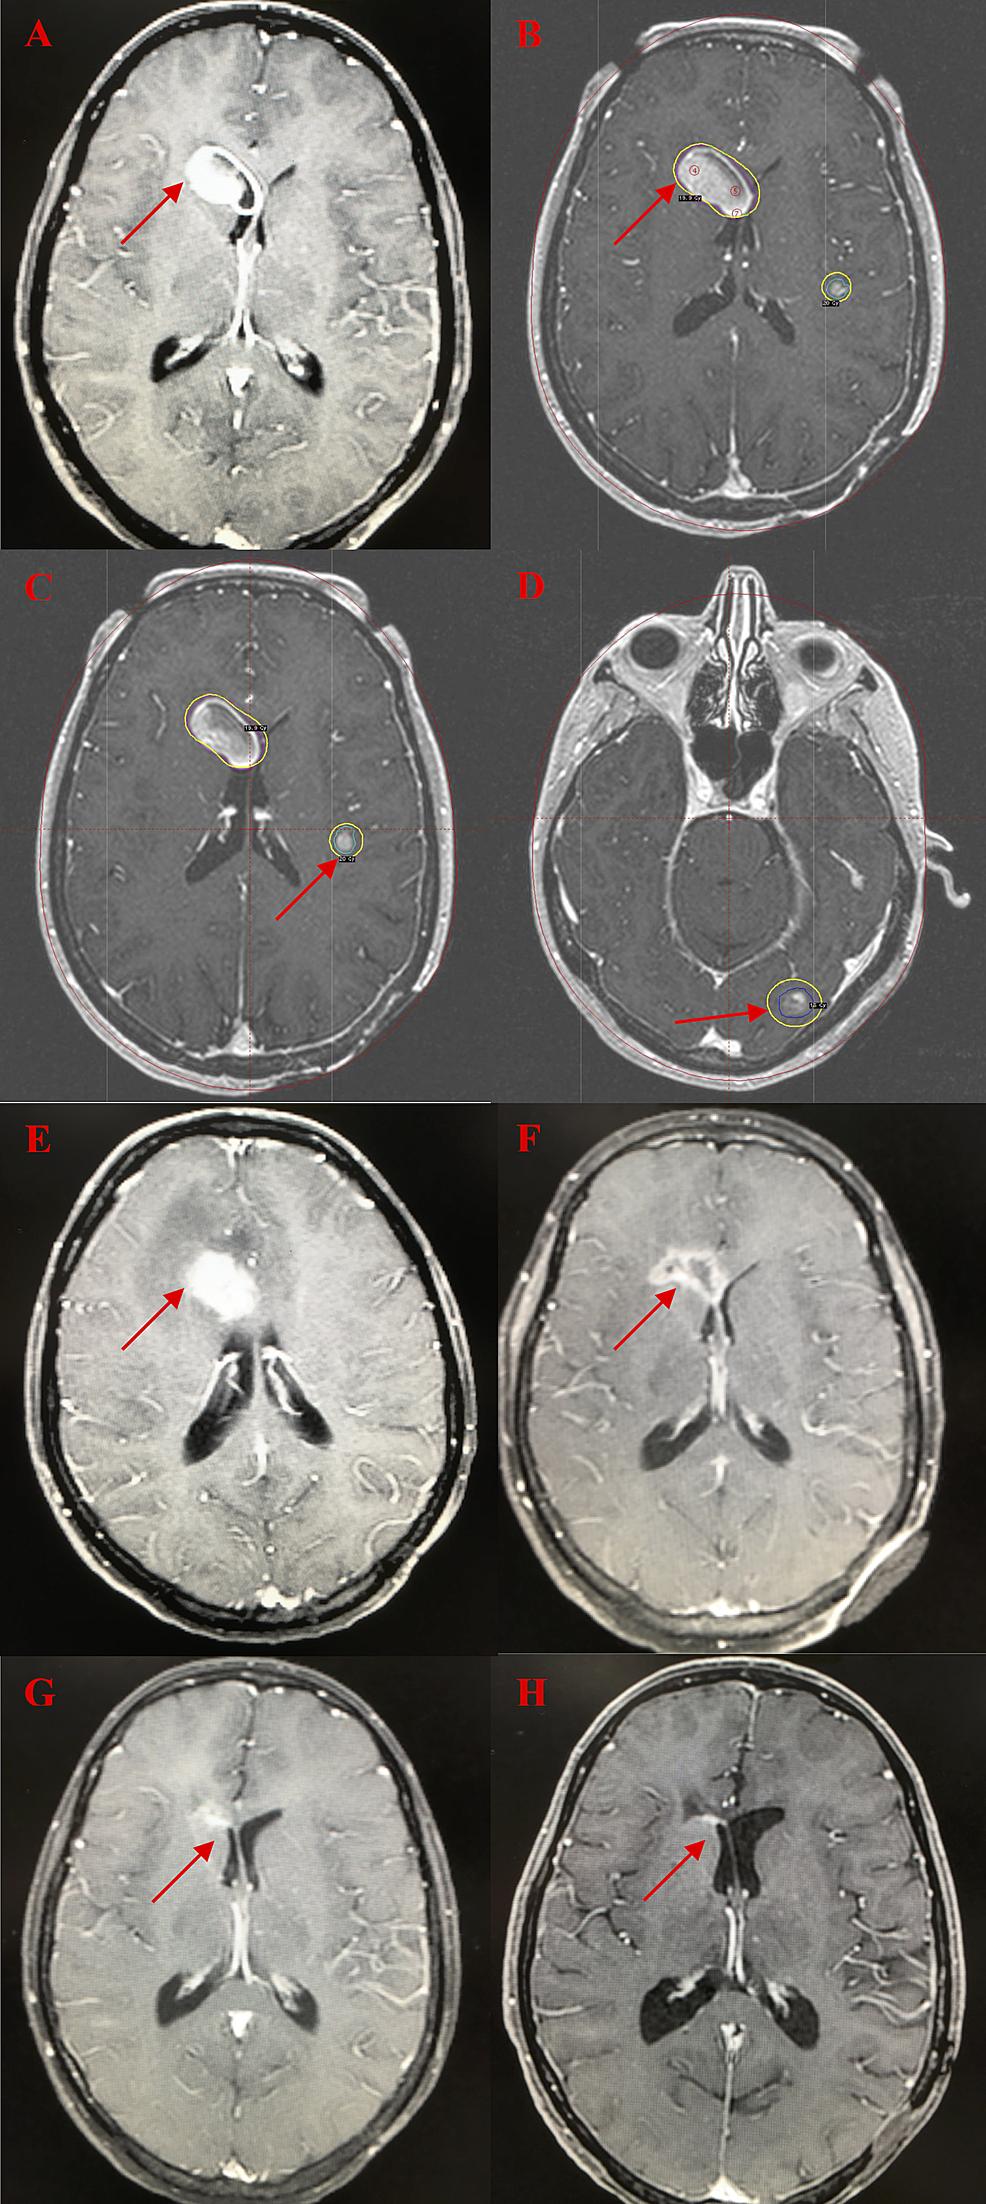 Serial-Brain-MRI-Images